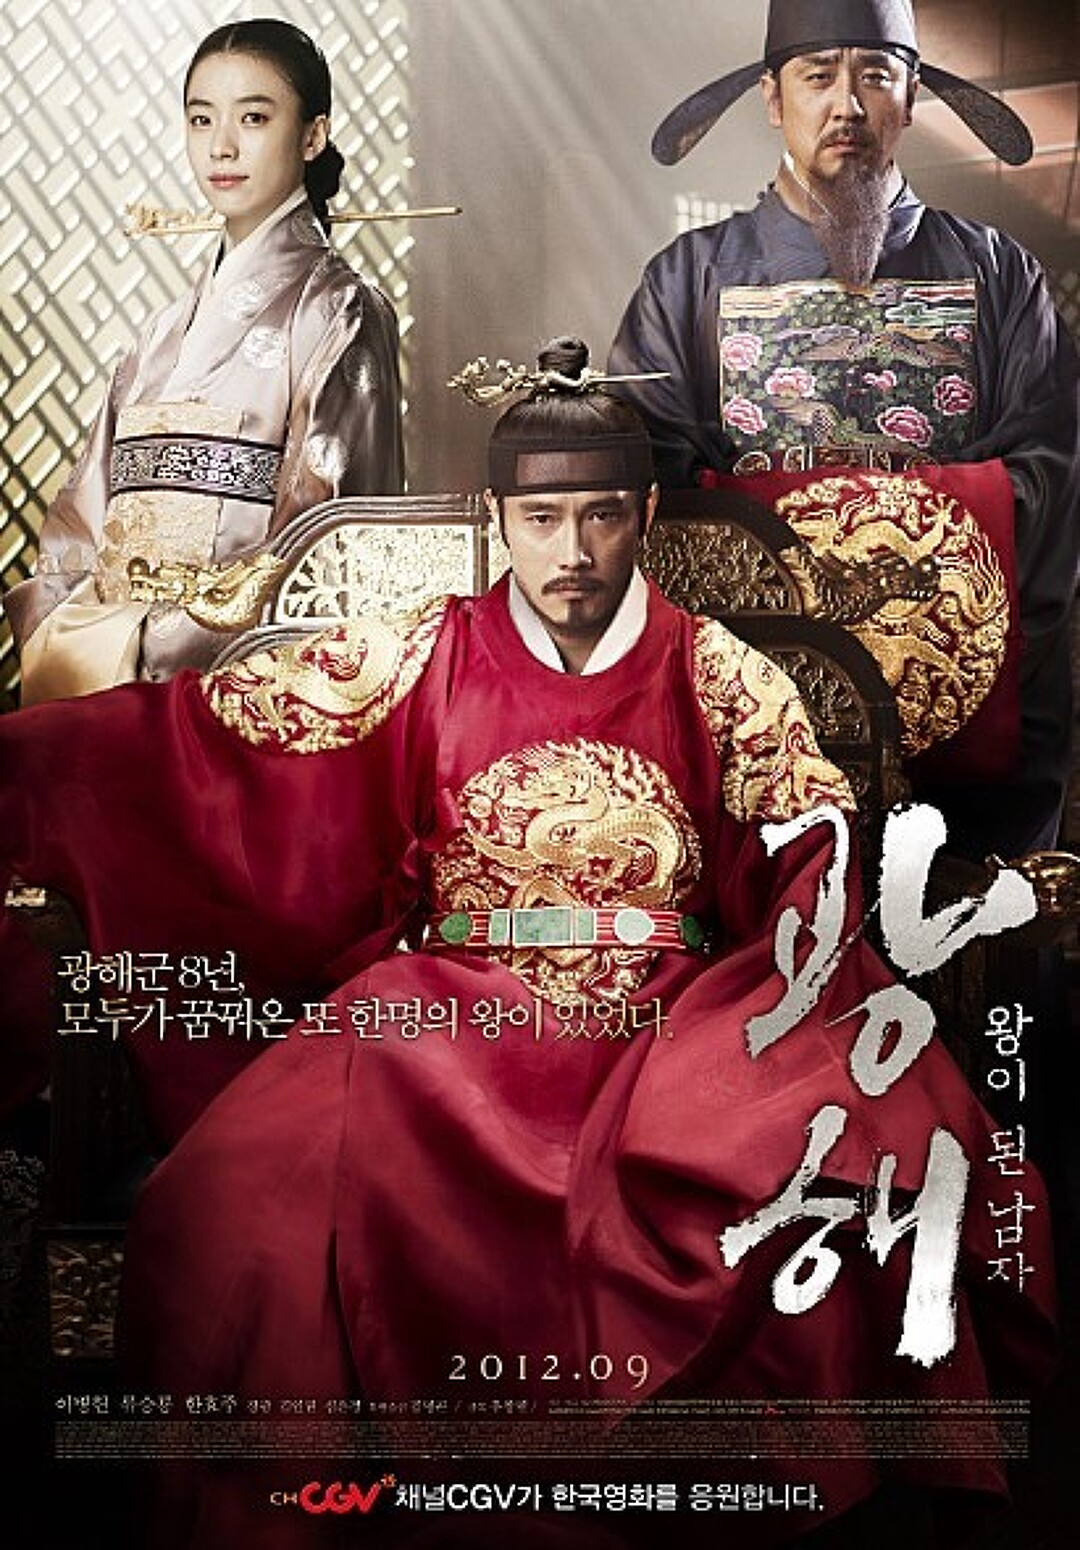 광해, 왕이 된 남자 (Masquerade) 이병헌의 연기력이 돋보인 영화